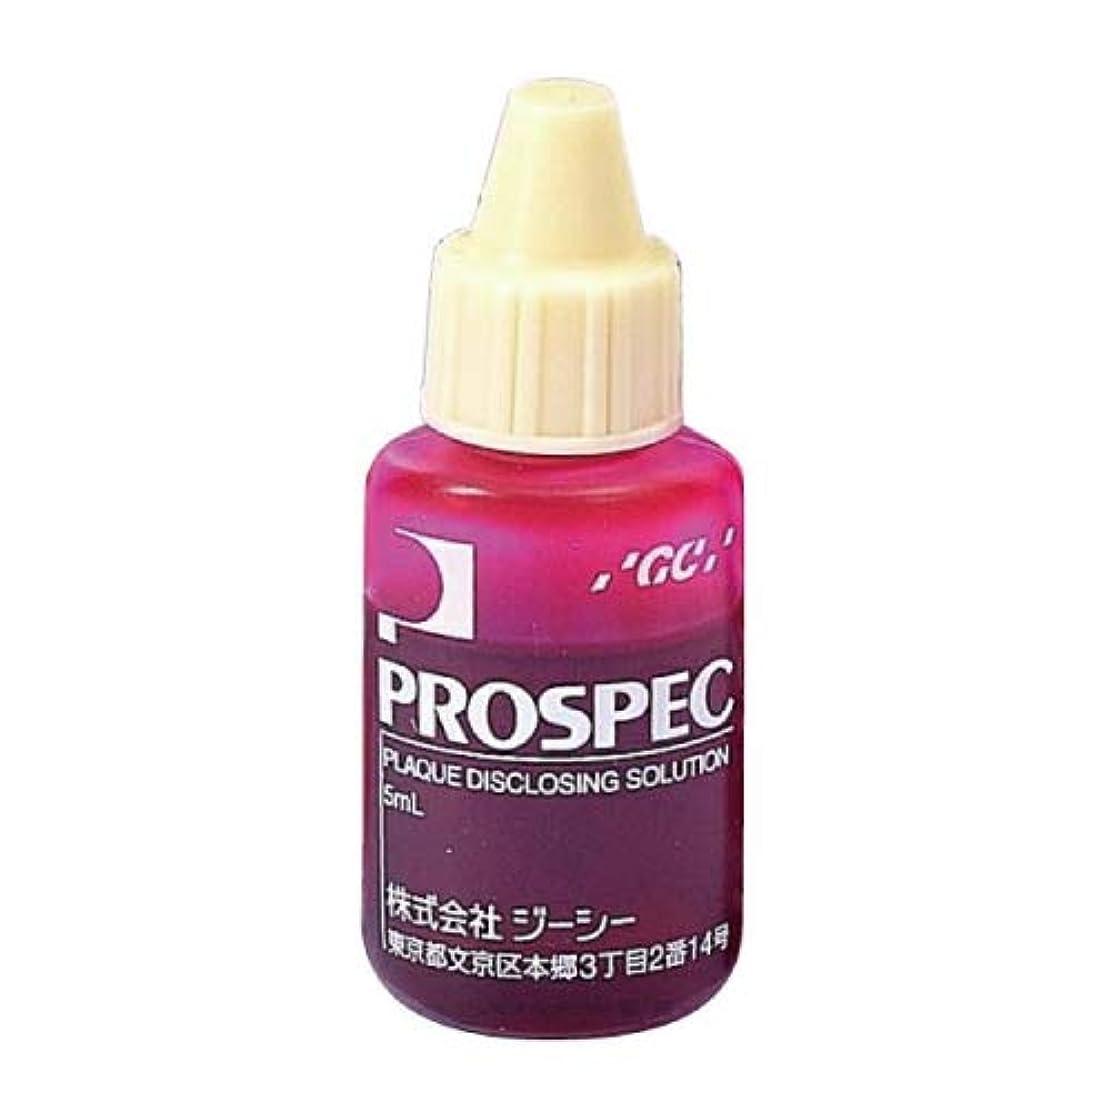 マイクロプロセッサおとなしい悲しいジーシー GC プロスペック 歯垢染色液 5ml